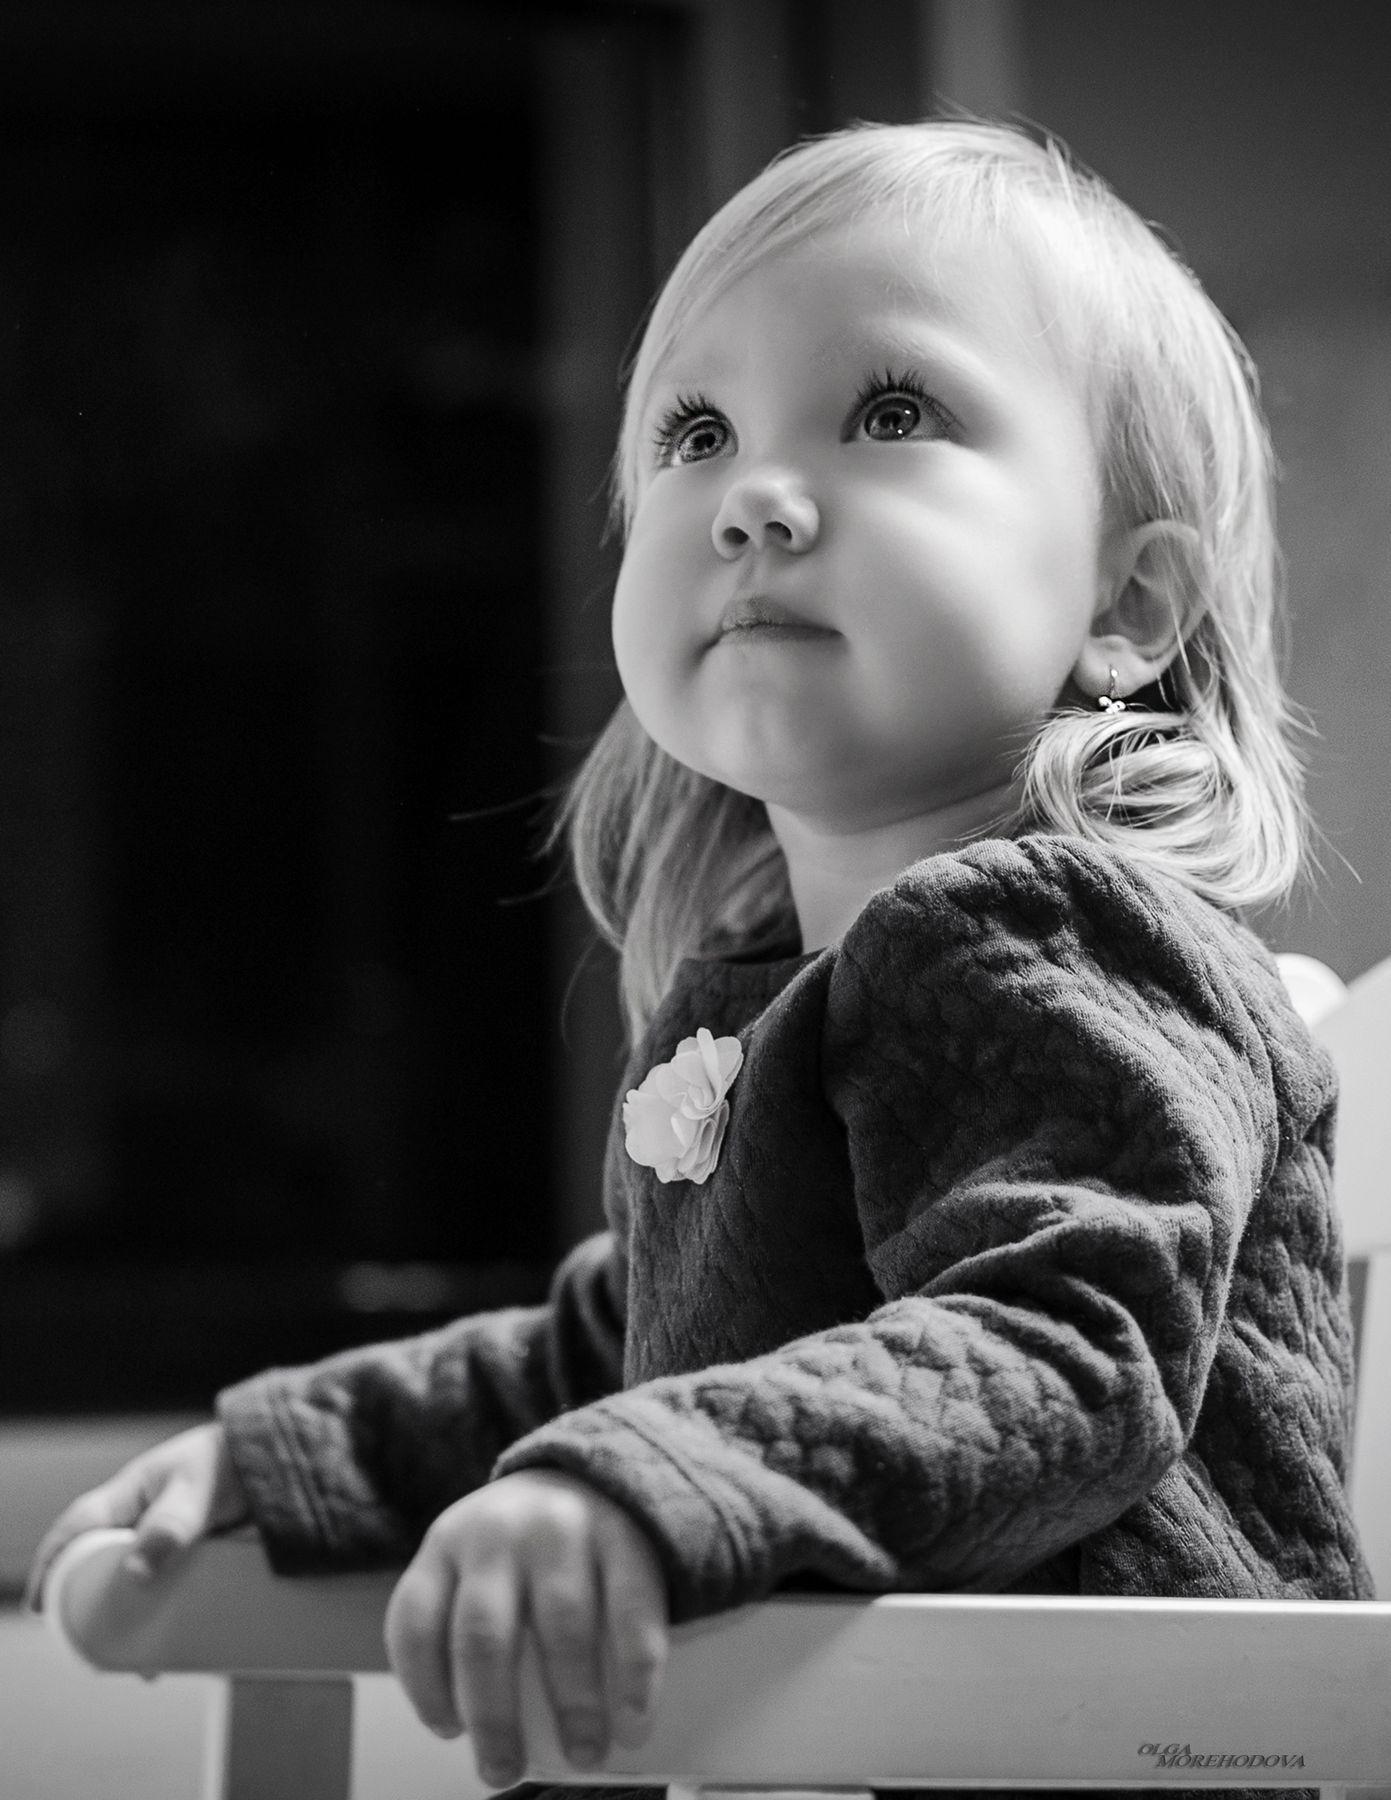 Агата Студия красивая девочка взгляд эмоция новогодняя локация фотосессия